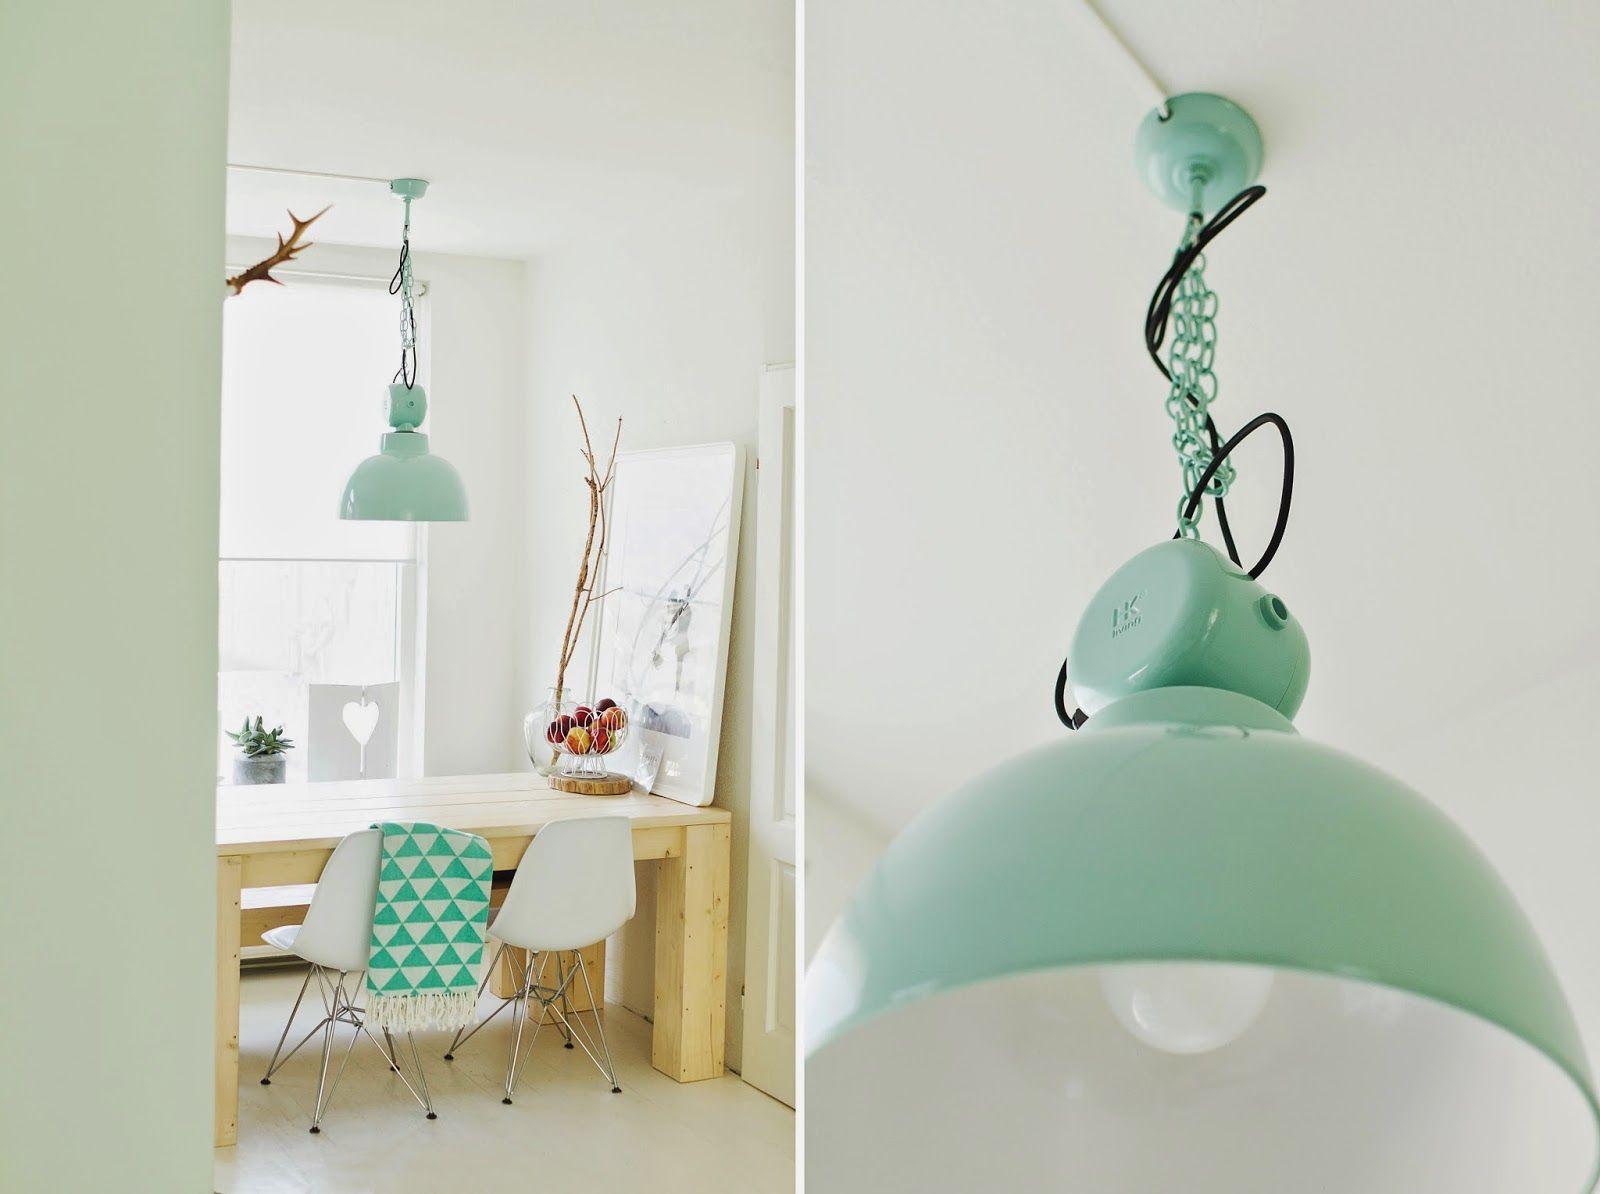 Hk Living Hanglampen : Hk living hanglamp http: brenstijl.blogspot.nl 2014 08 hk living